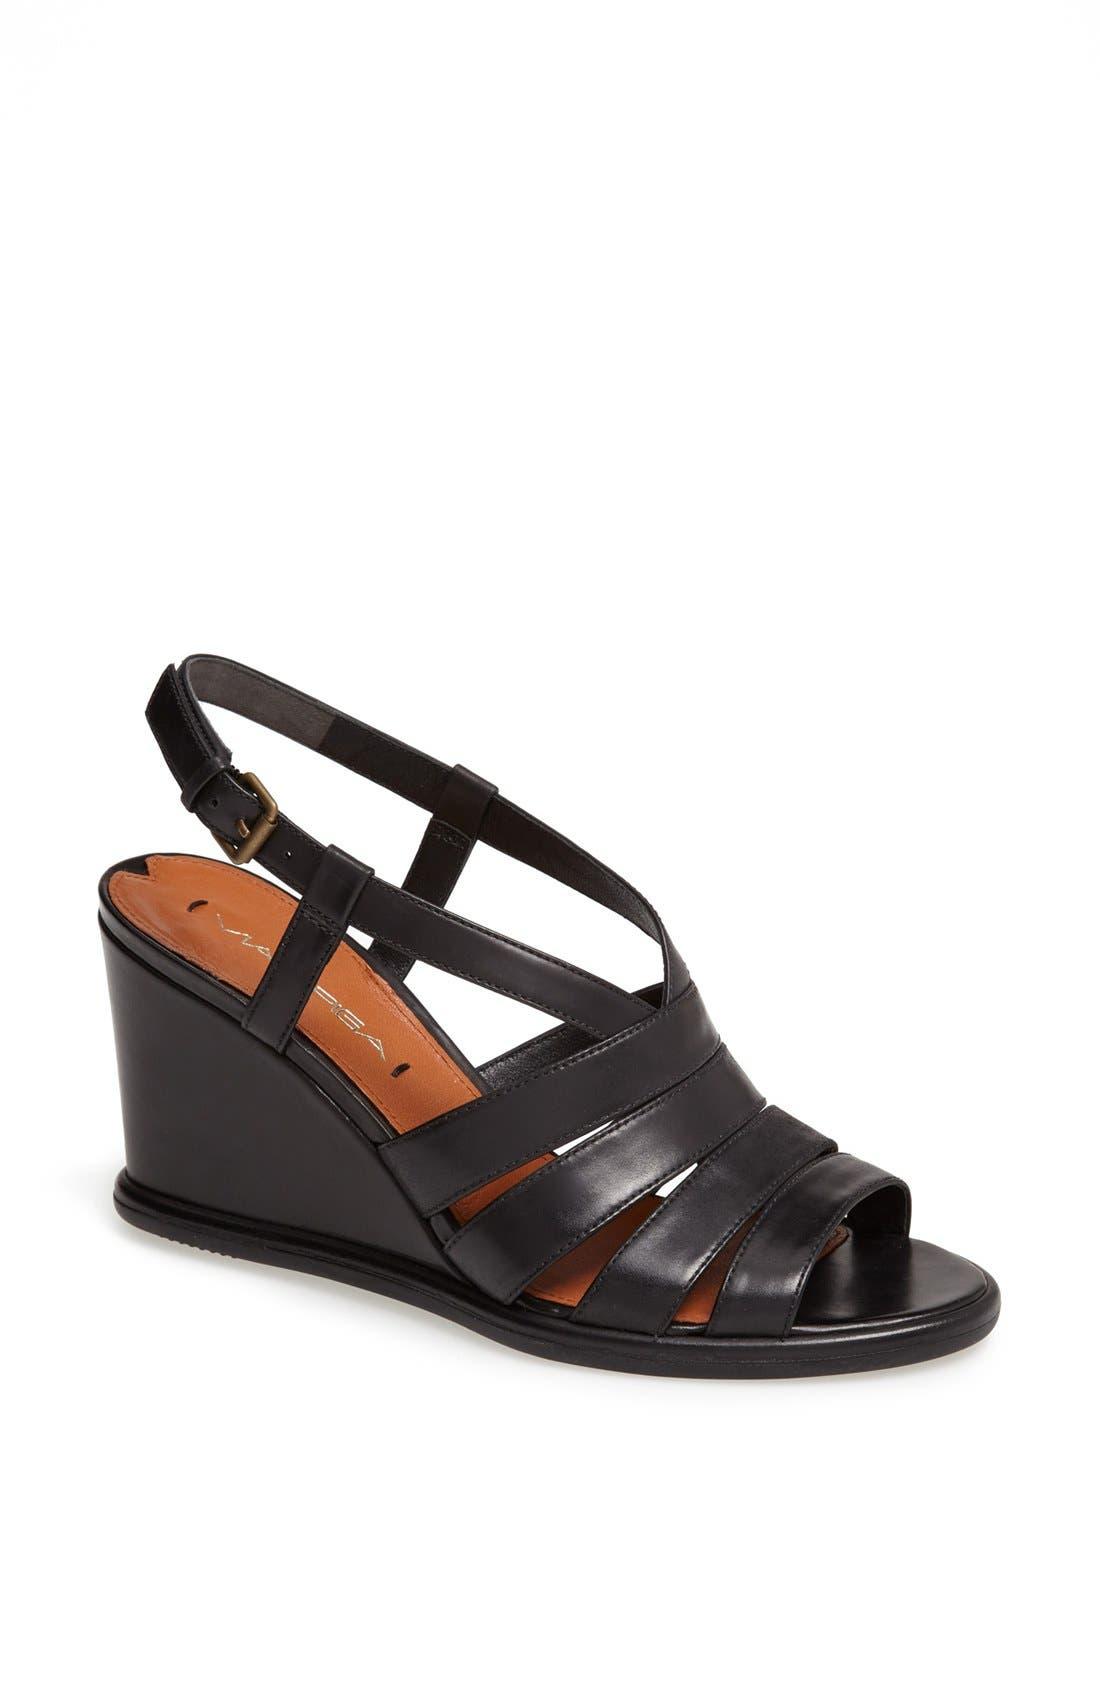 Alternate Image 1 Selected - Via Spiga 'Damara' Wedge Sandal